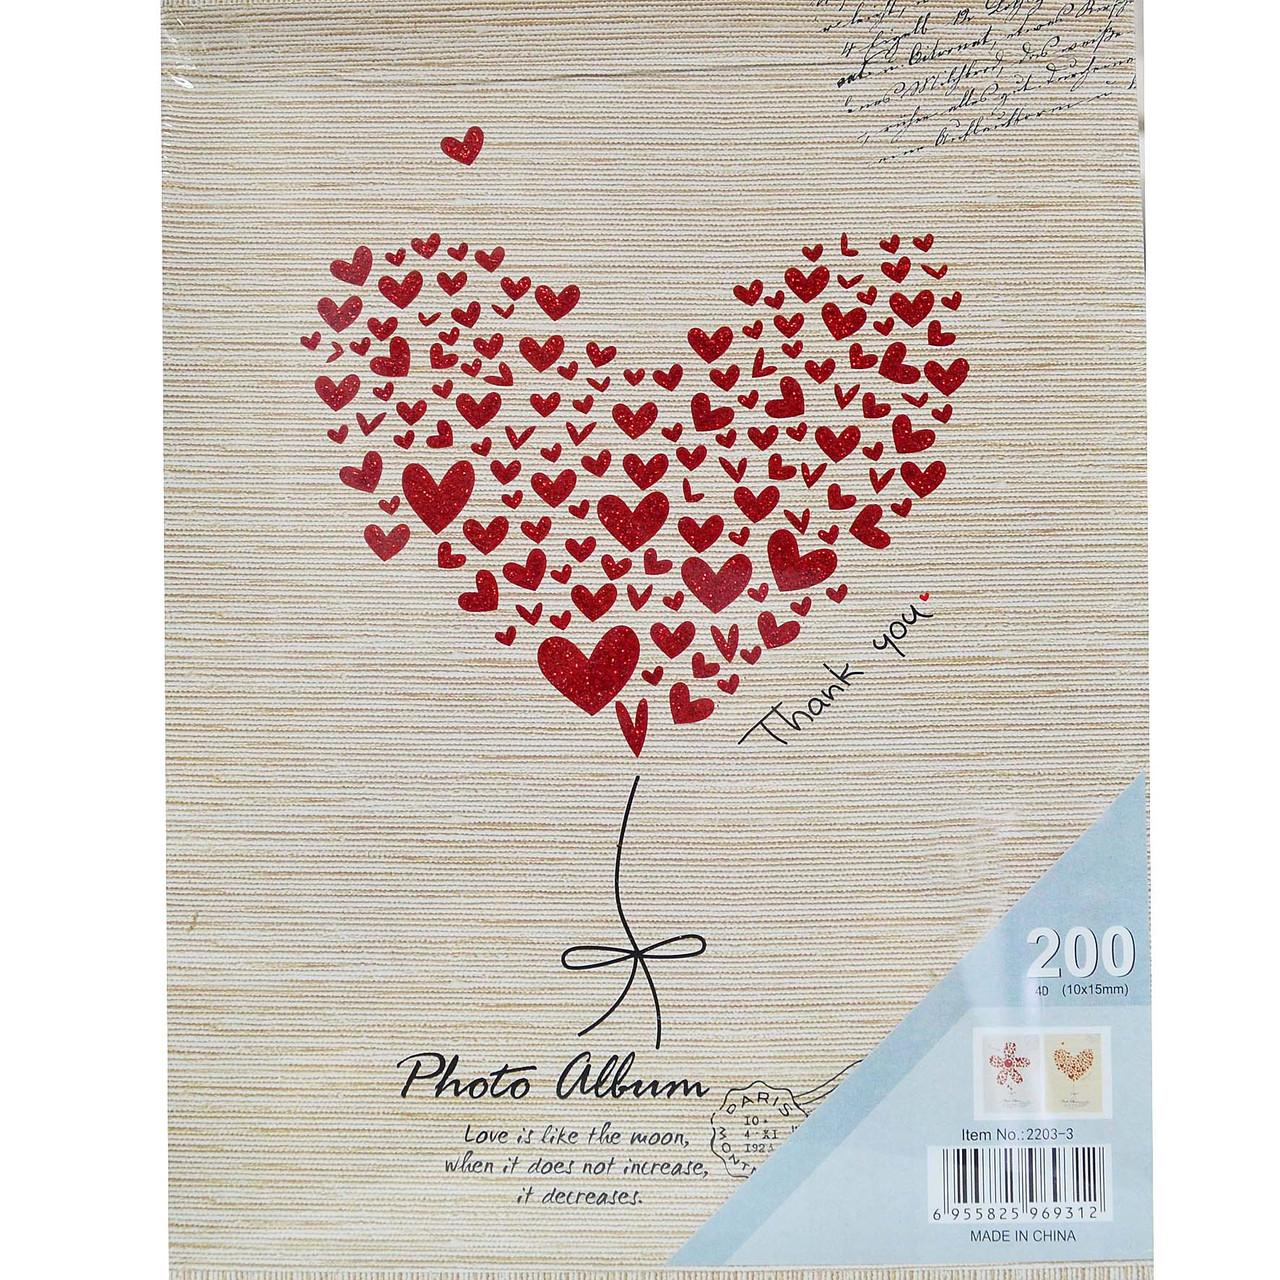 """Фотоальбом """"LOVE"""" Місце для запису, подарункова коробка 200/10х15см."""